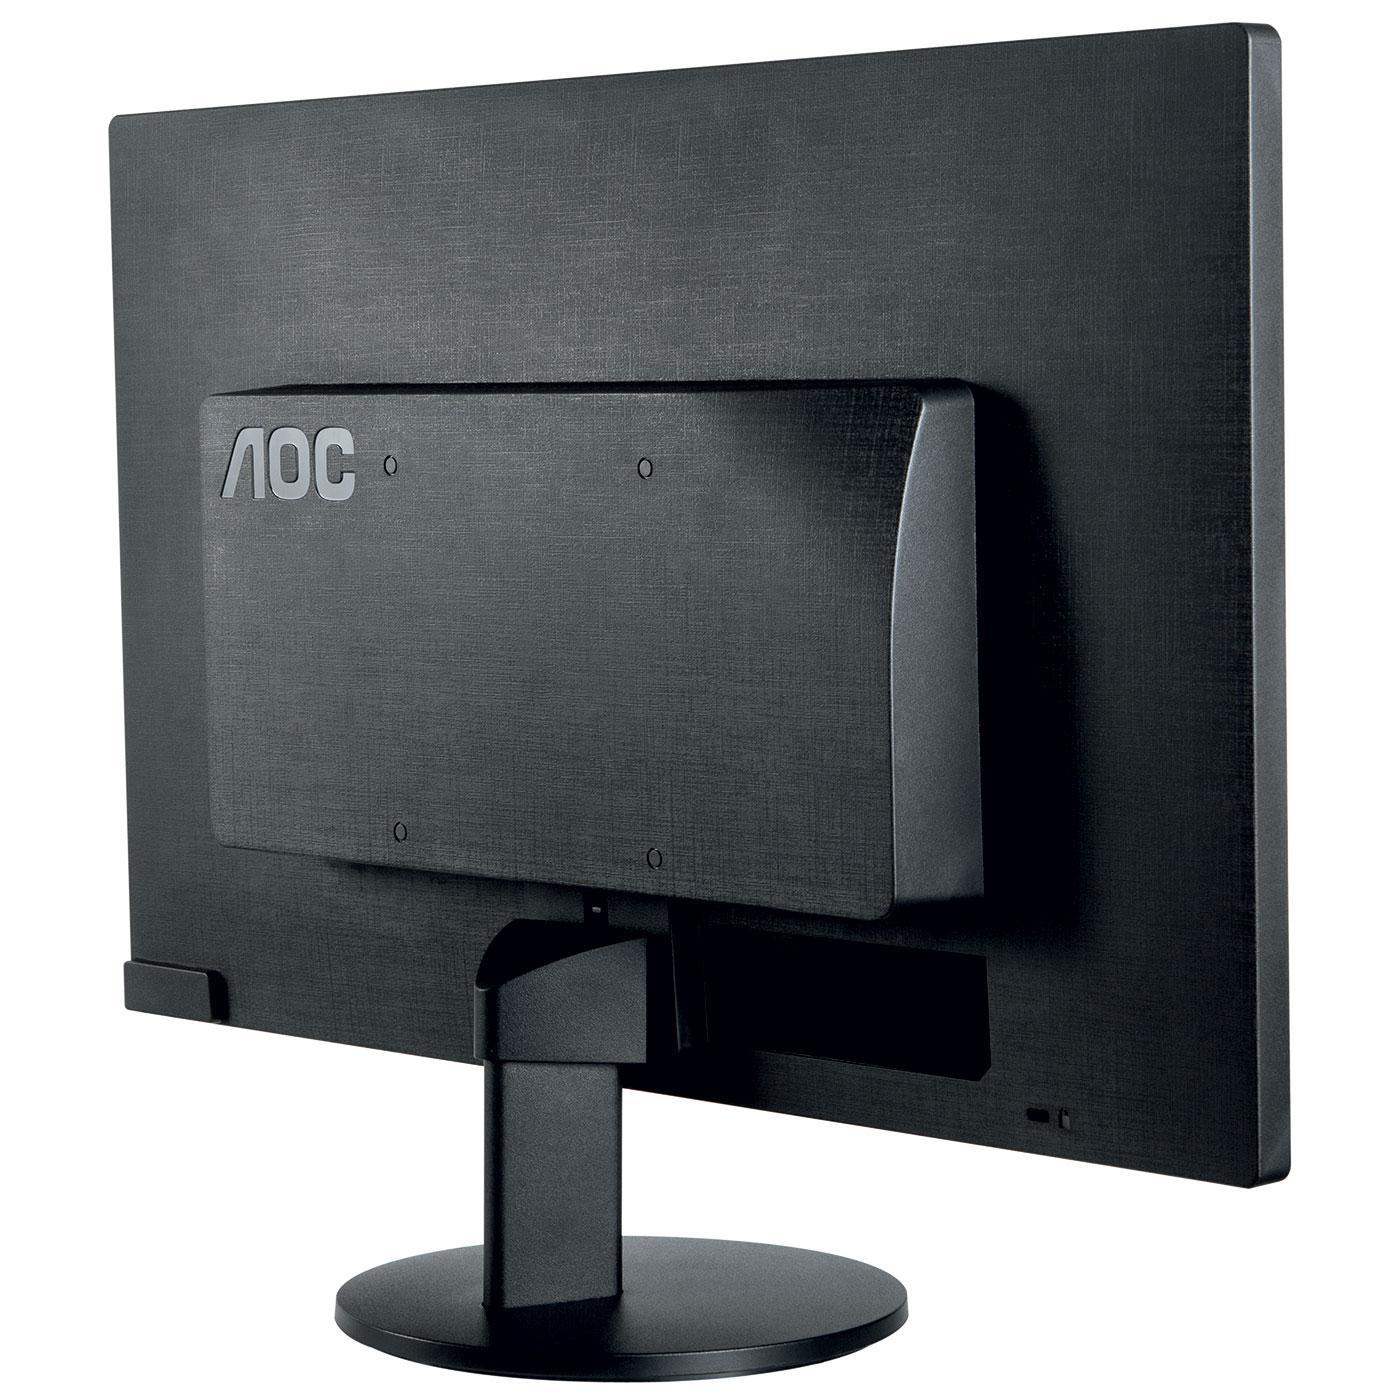 AOC - E970SWN - Ecran PC 18.5'' LED 1366 x 768 VGA - Noir